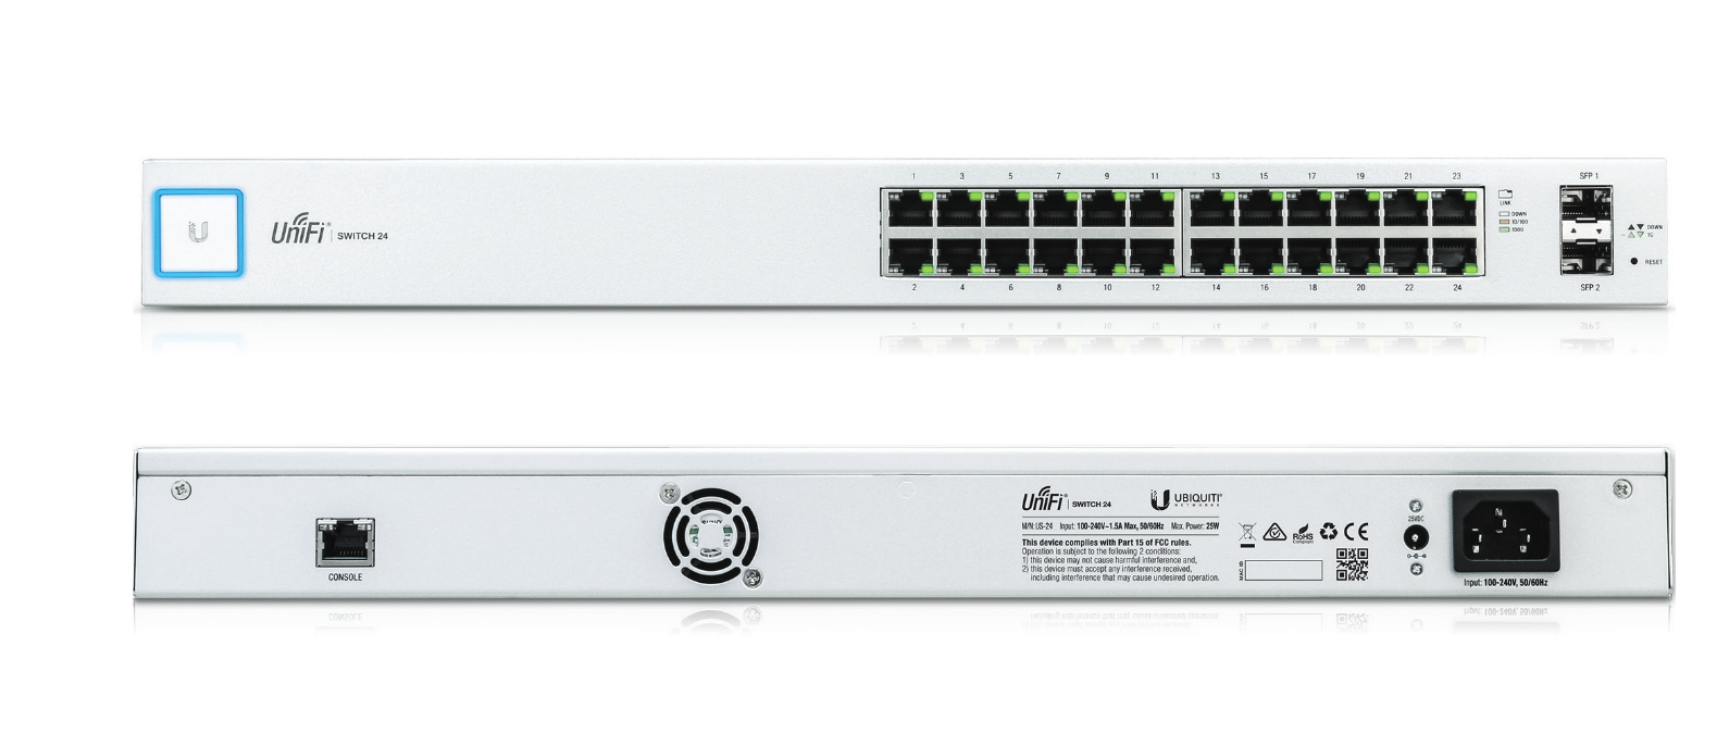 Ubiquiti Networks UniFi US-24 Managed Gigabit Ethernet (10/100/1000) 1U Silver,White network switch